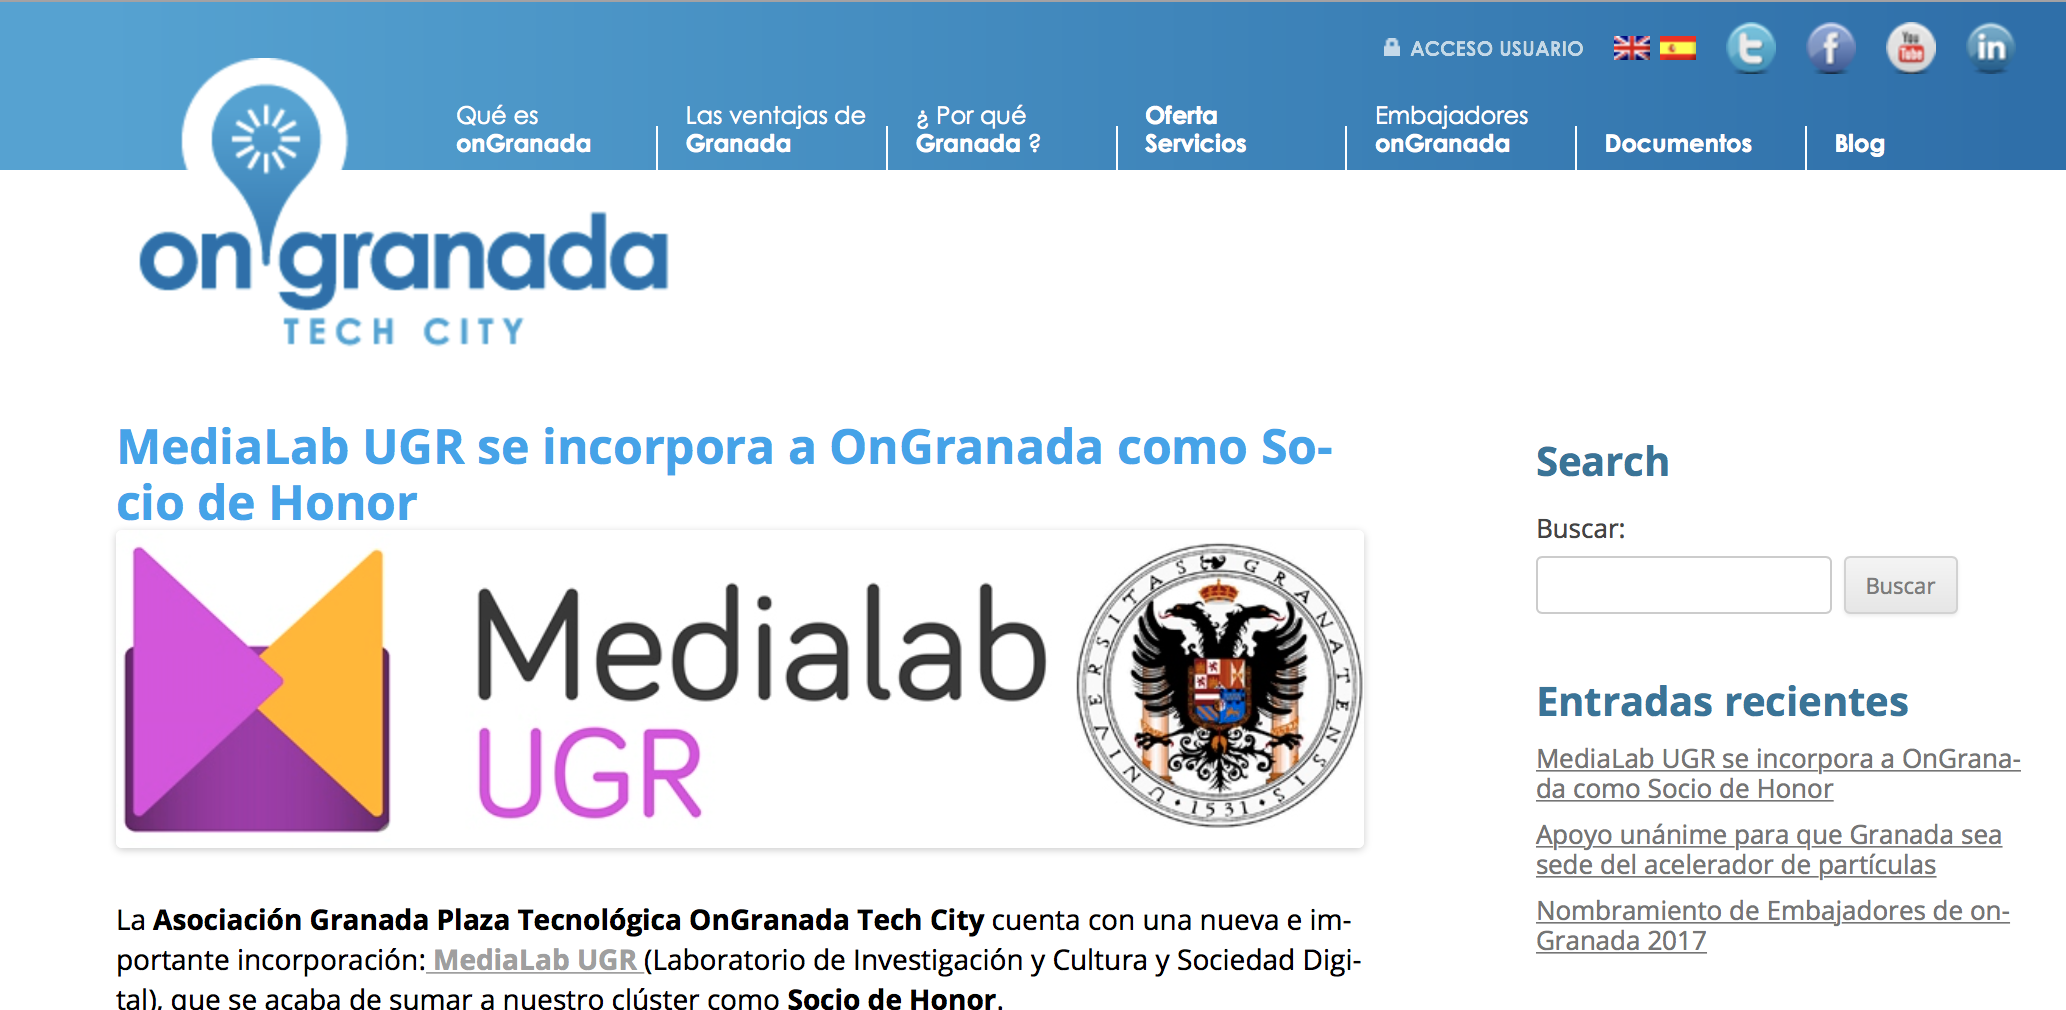 Medialab UGR, nuevo Socio de Honor de OnGranada Tech City